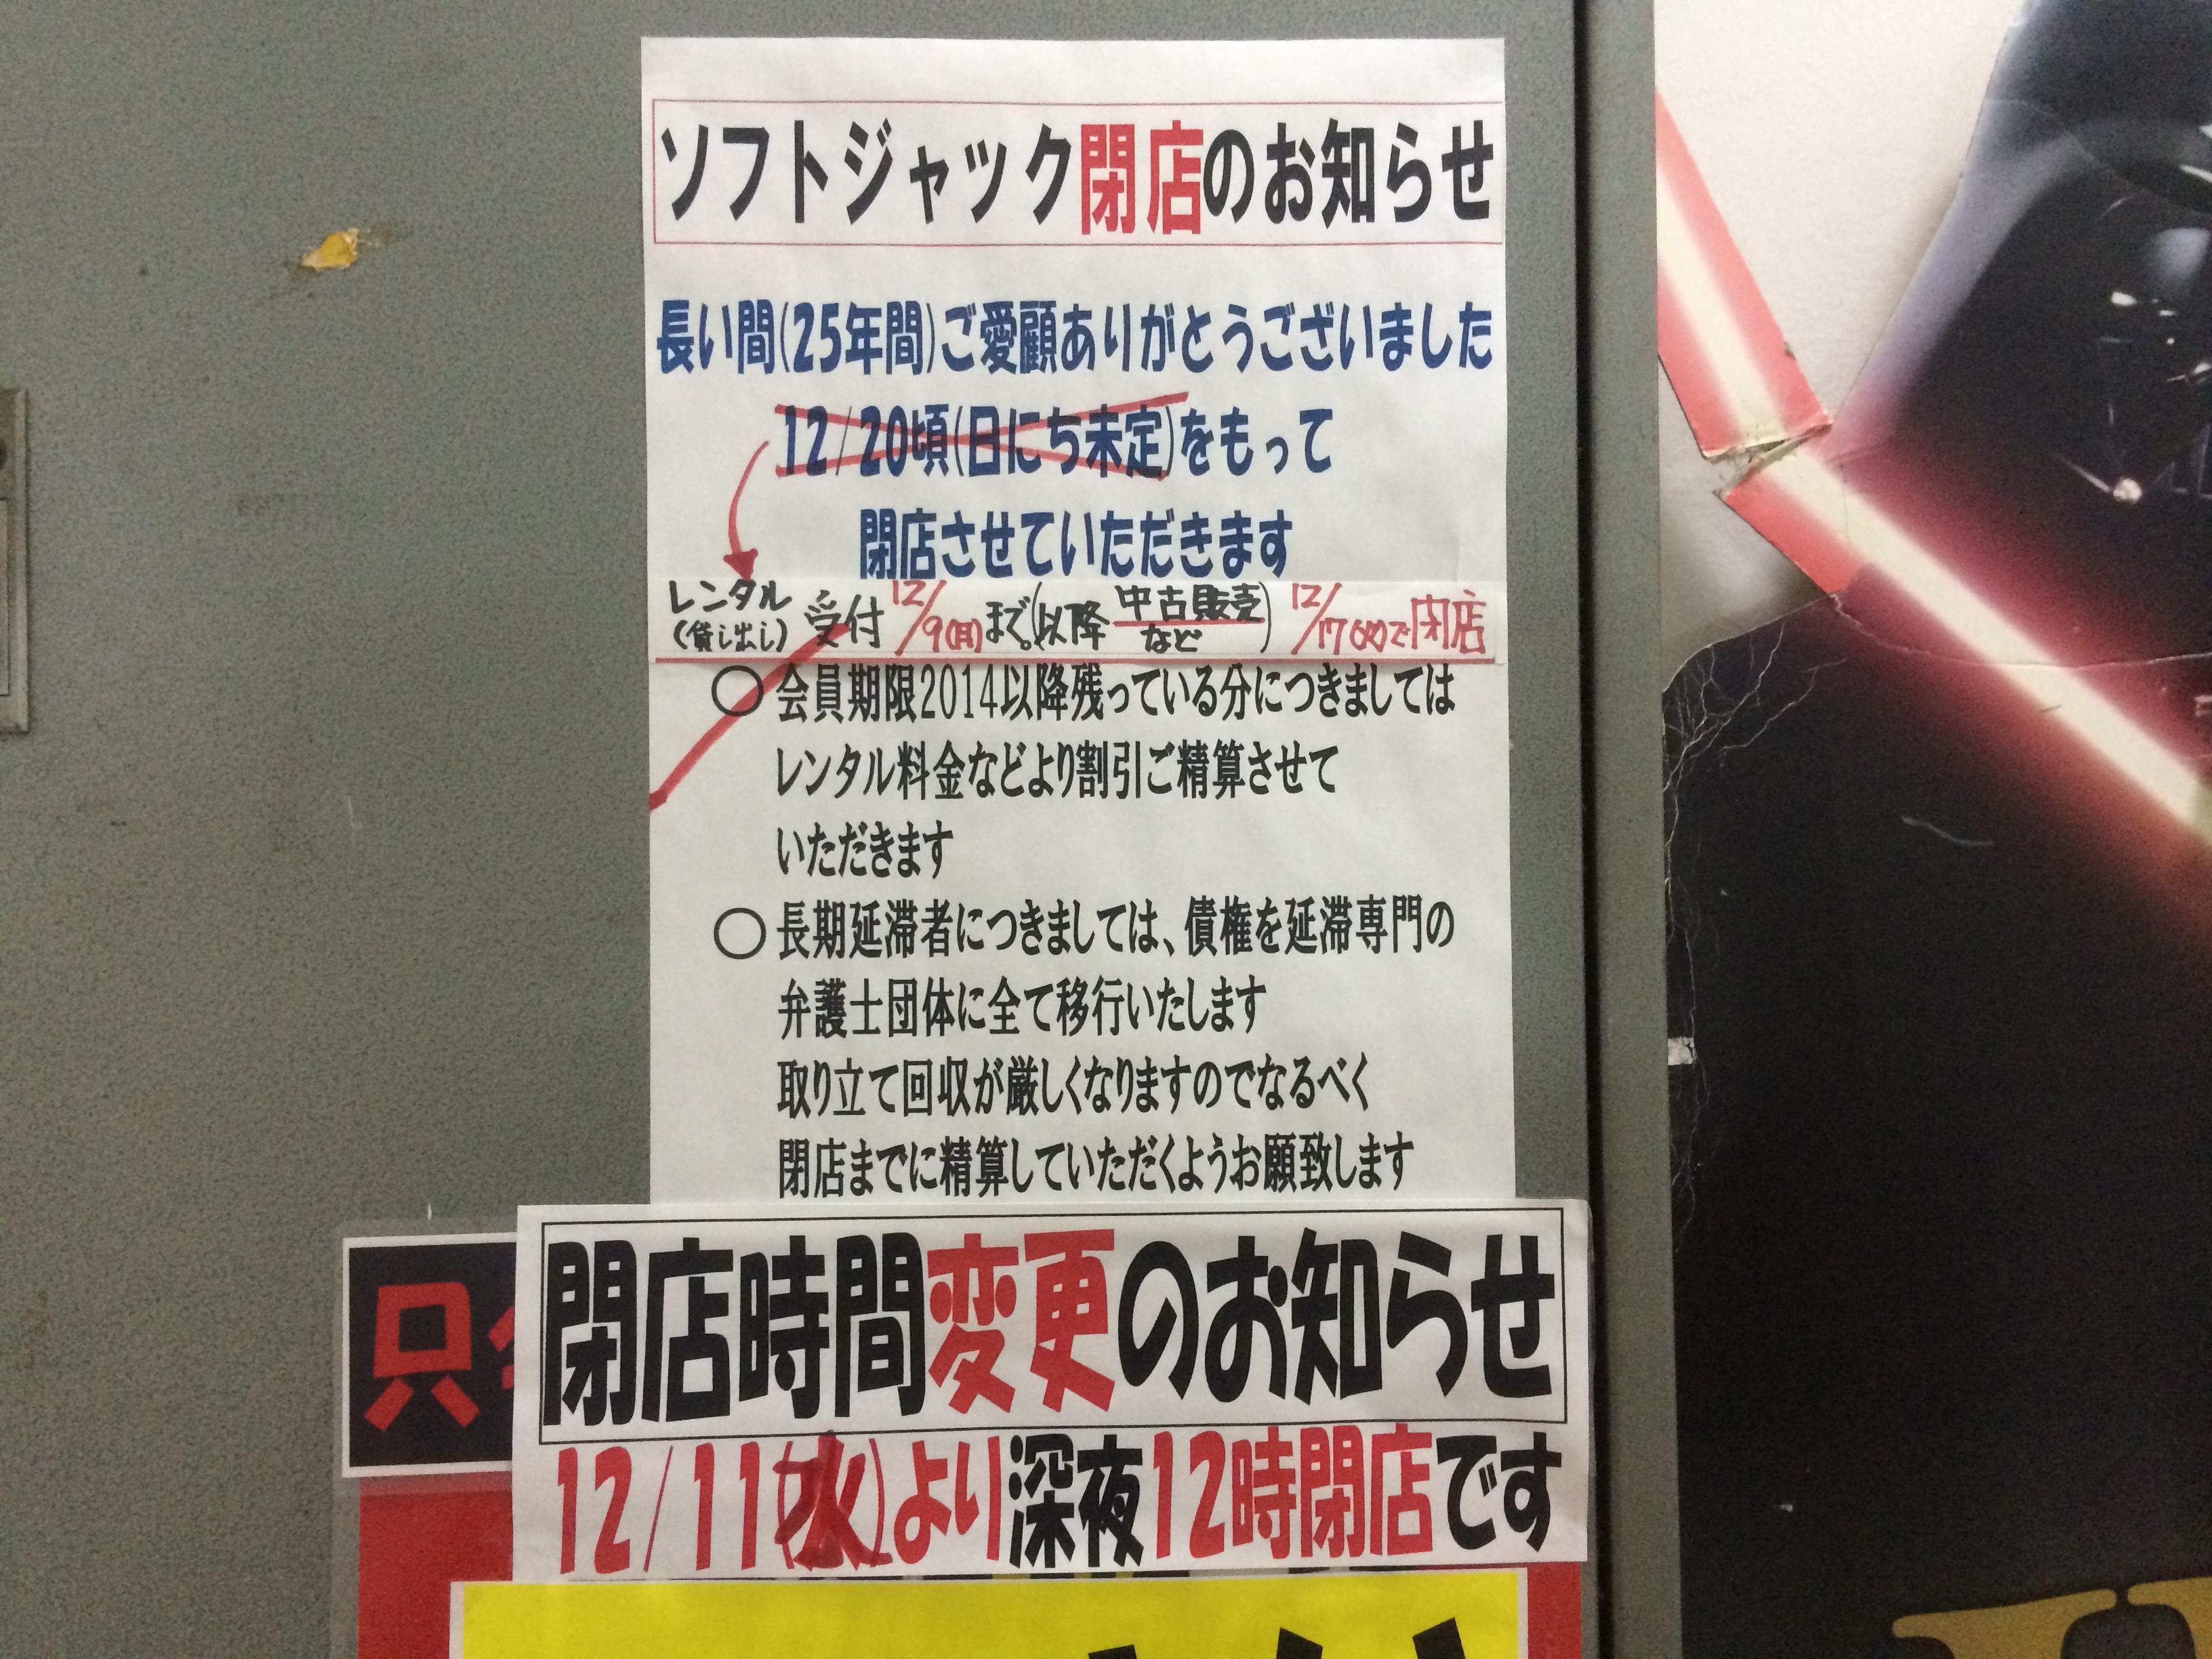 日本橋3丁目のDVDレンタル専門店「ソフトジャック」は閉店